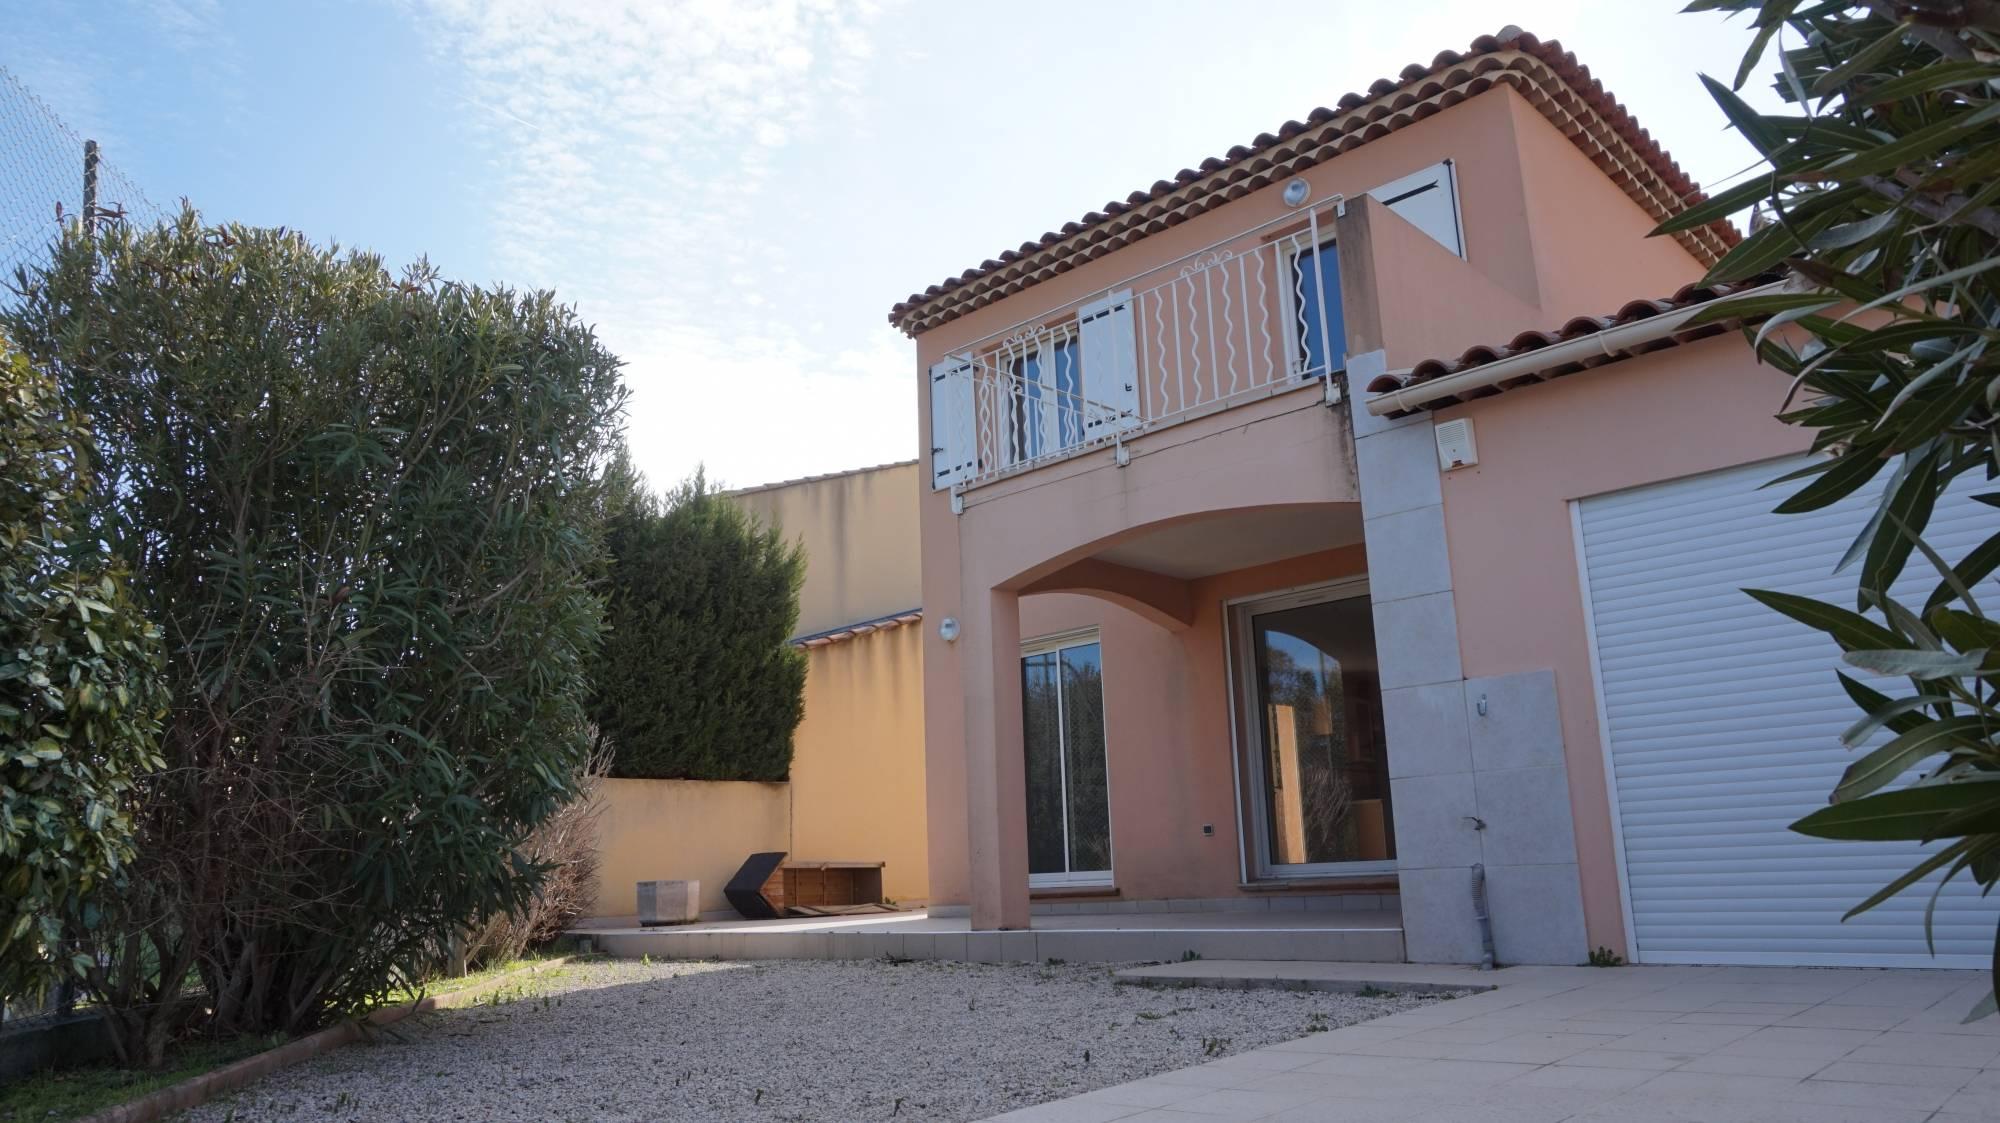 A vendre Plan de cuques 13380 Proximité coeur du village Maison type 4 de 81 m² avec garage et annexes